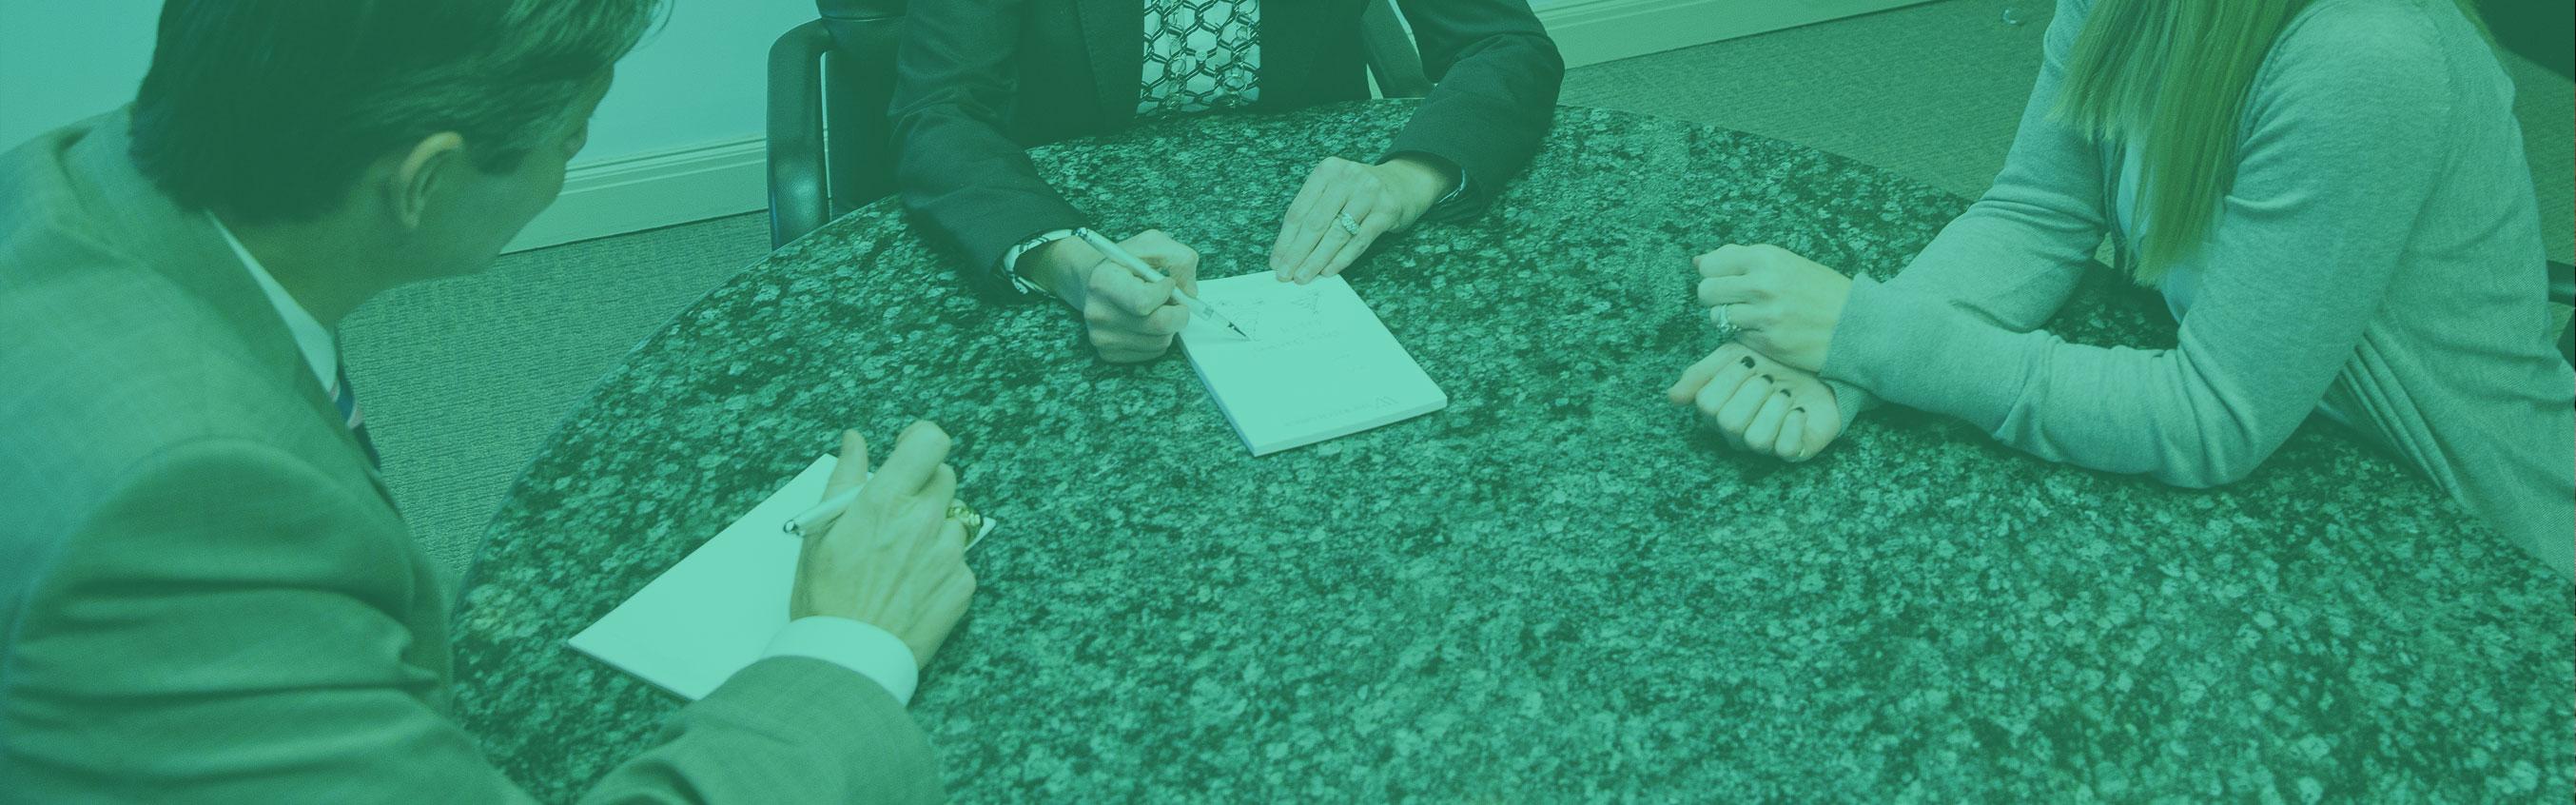 slide-green-document